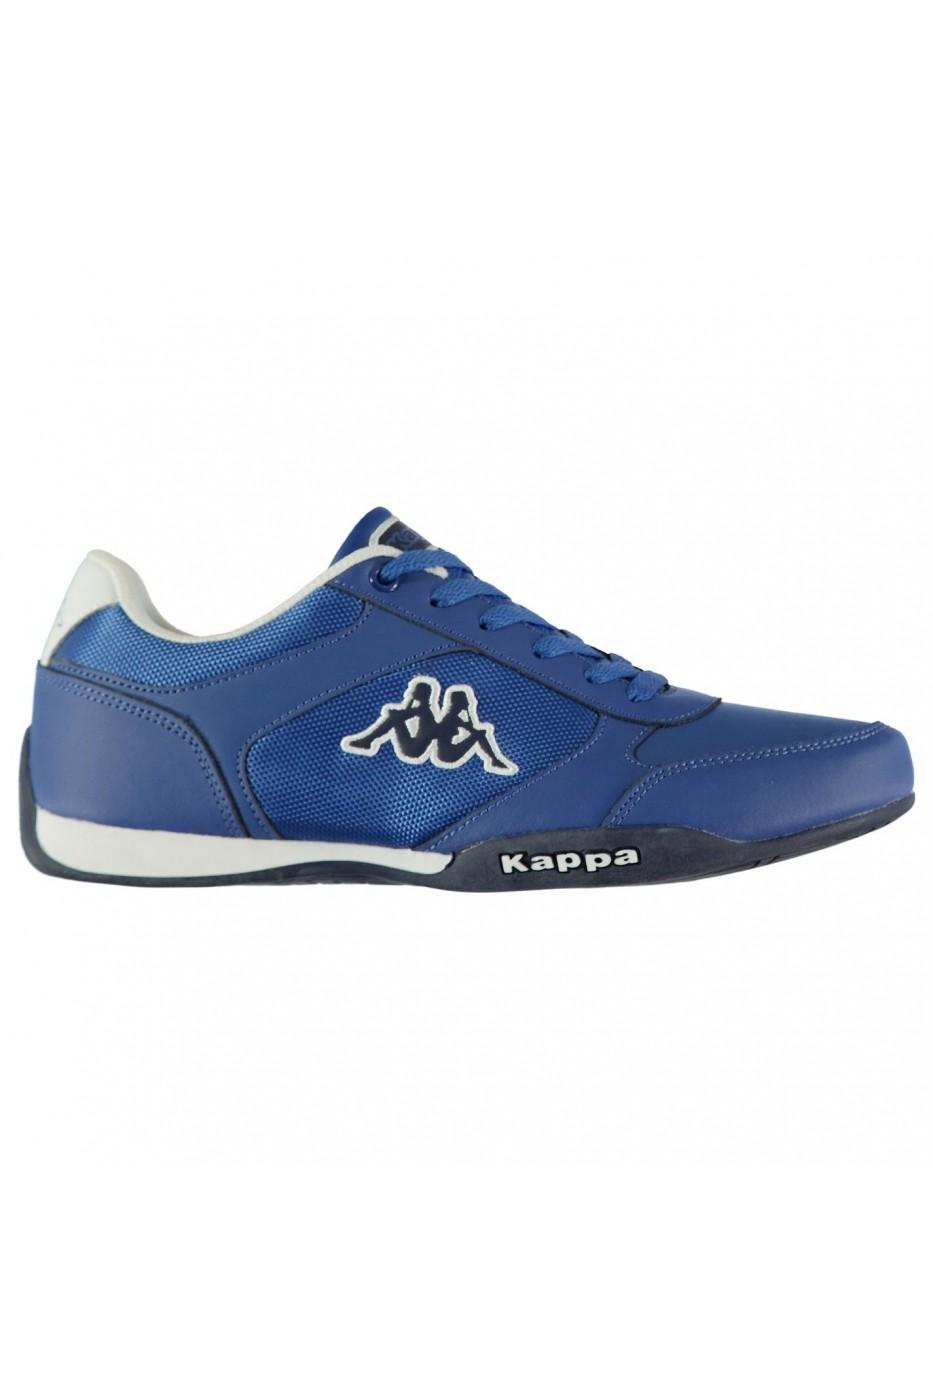 c2bd3c44f0a4 Kappa Sportcipő ARC-11500121 Kék - FashionUP!